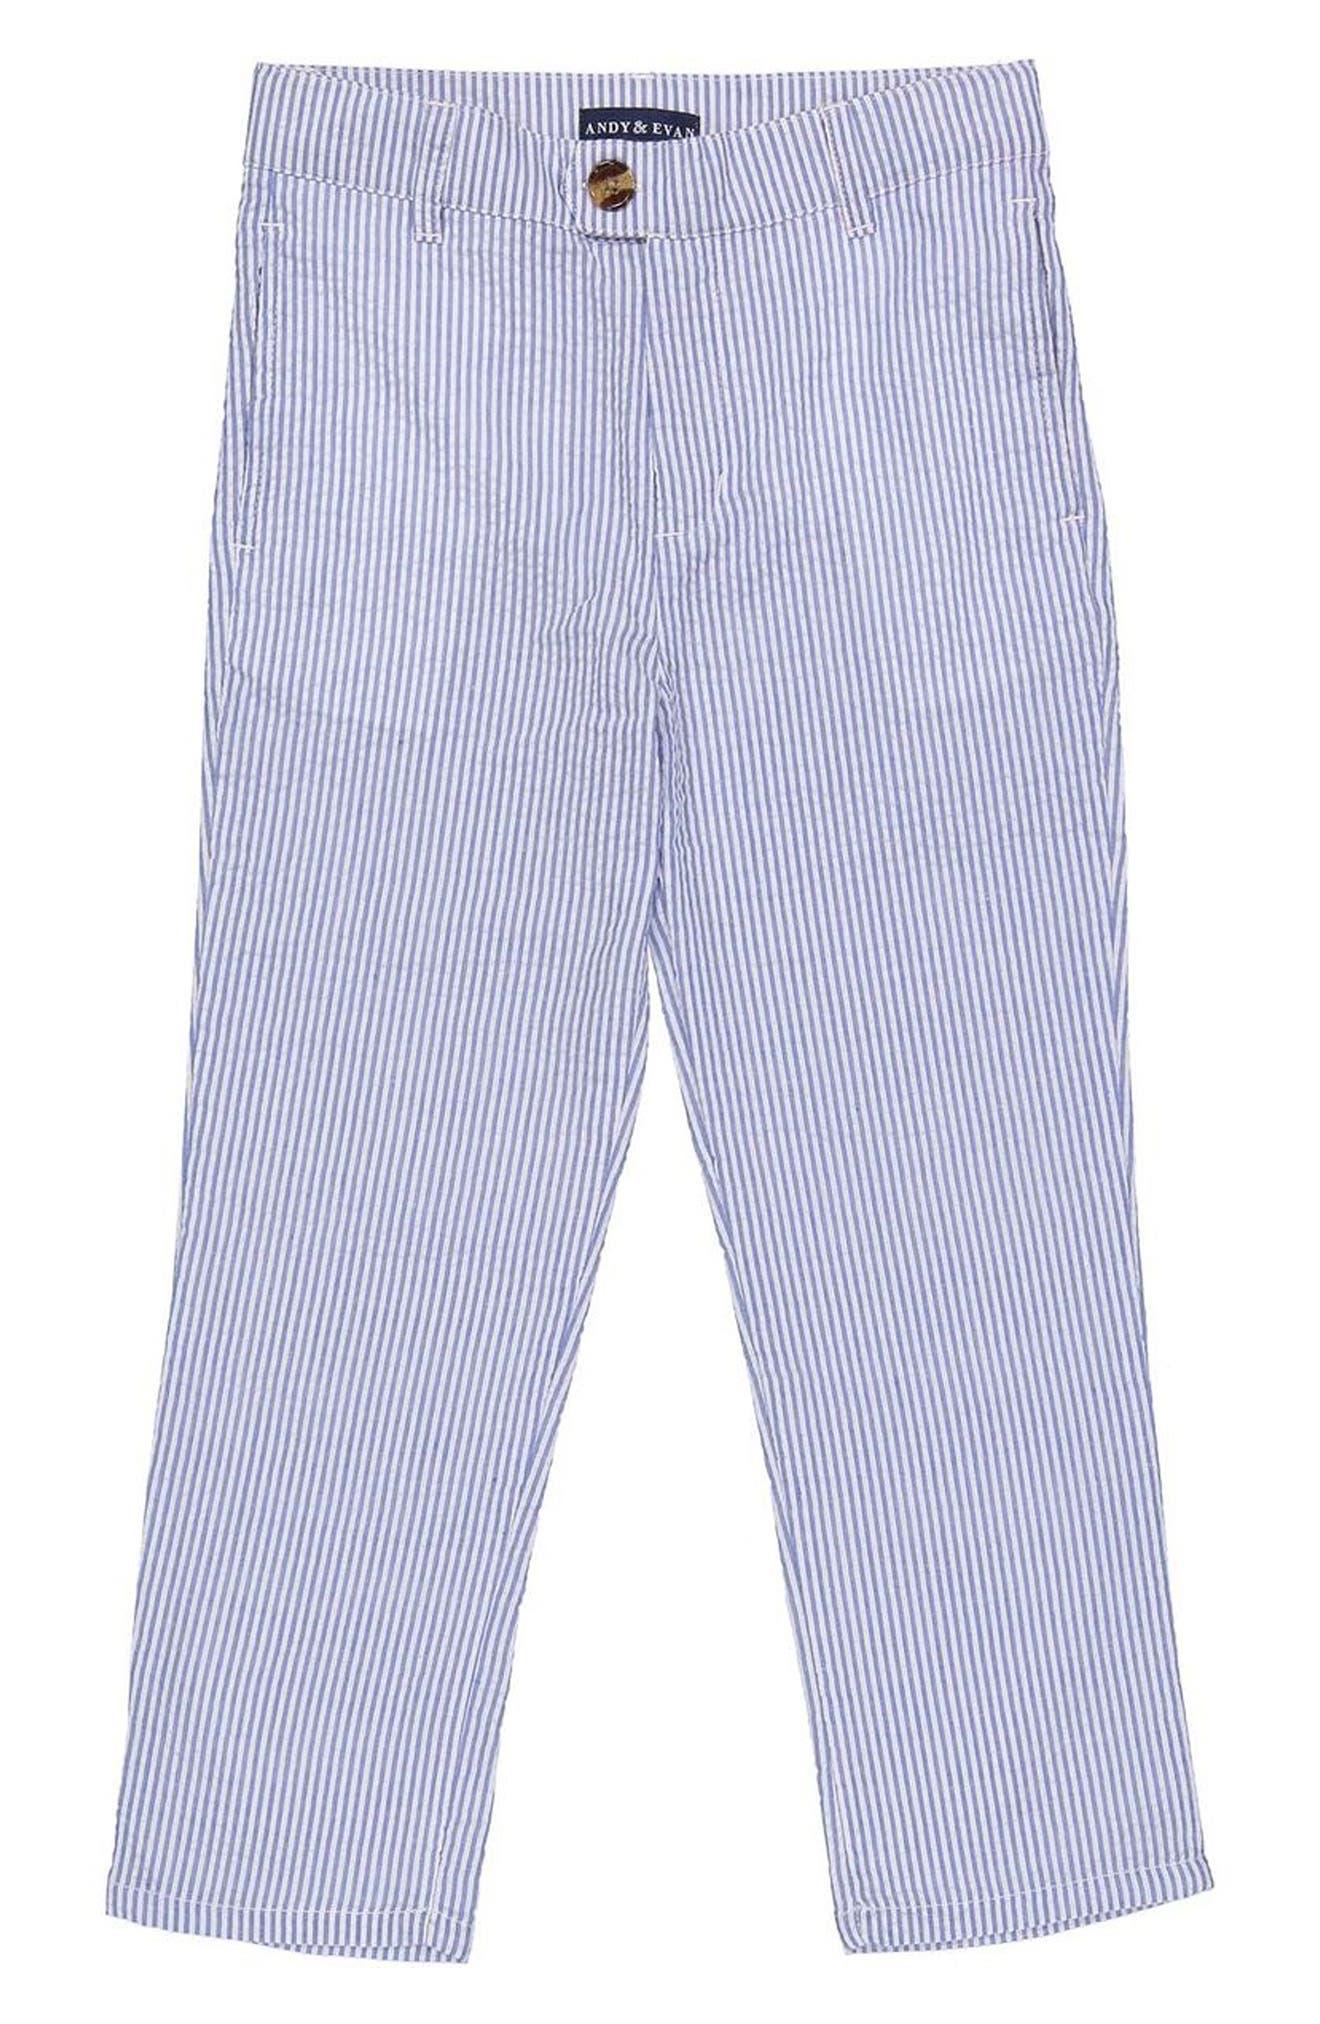 Andy & Evan Seersucker Suit Pants (Toddler Boys & Little Boys)